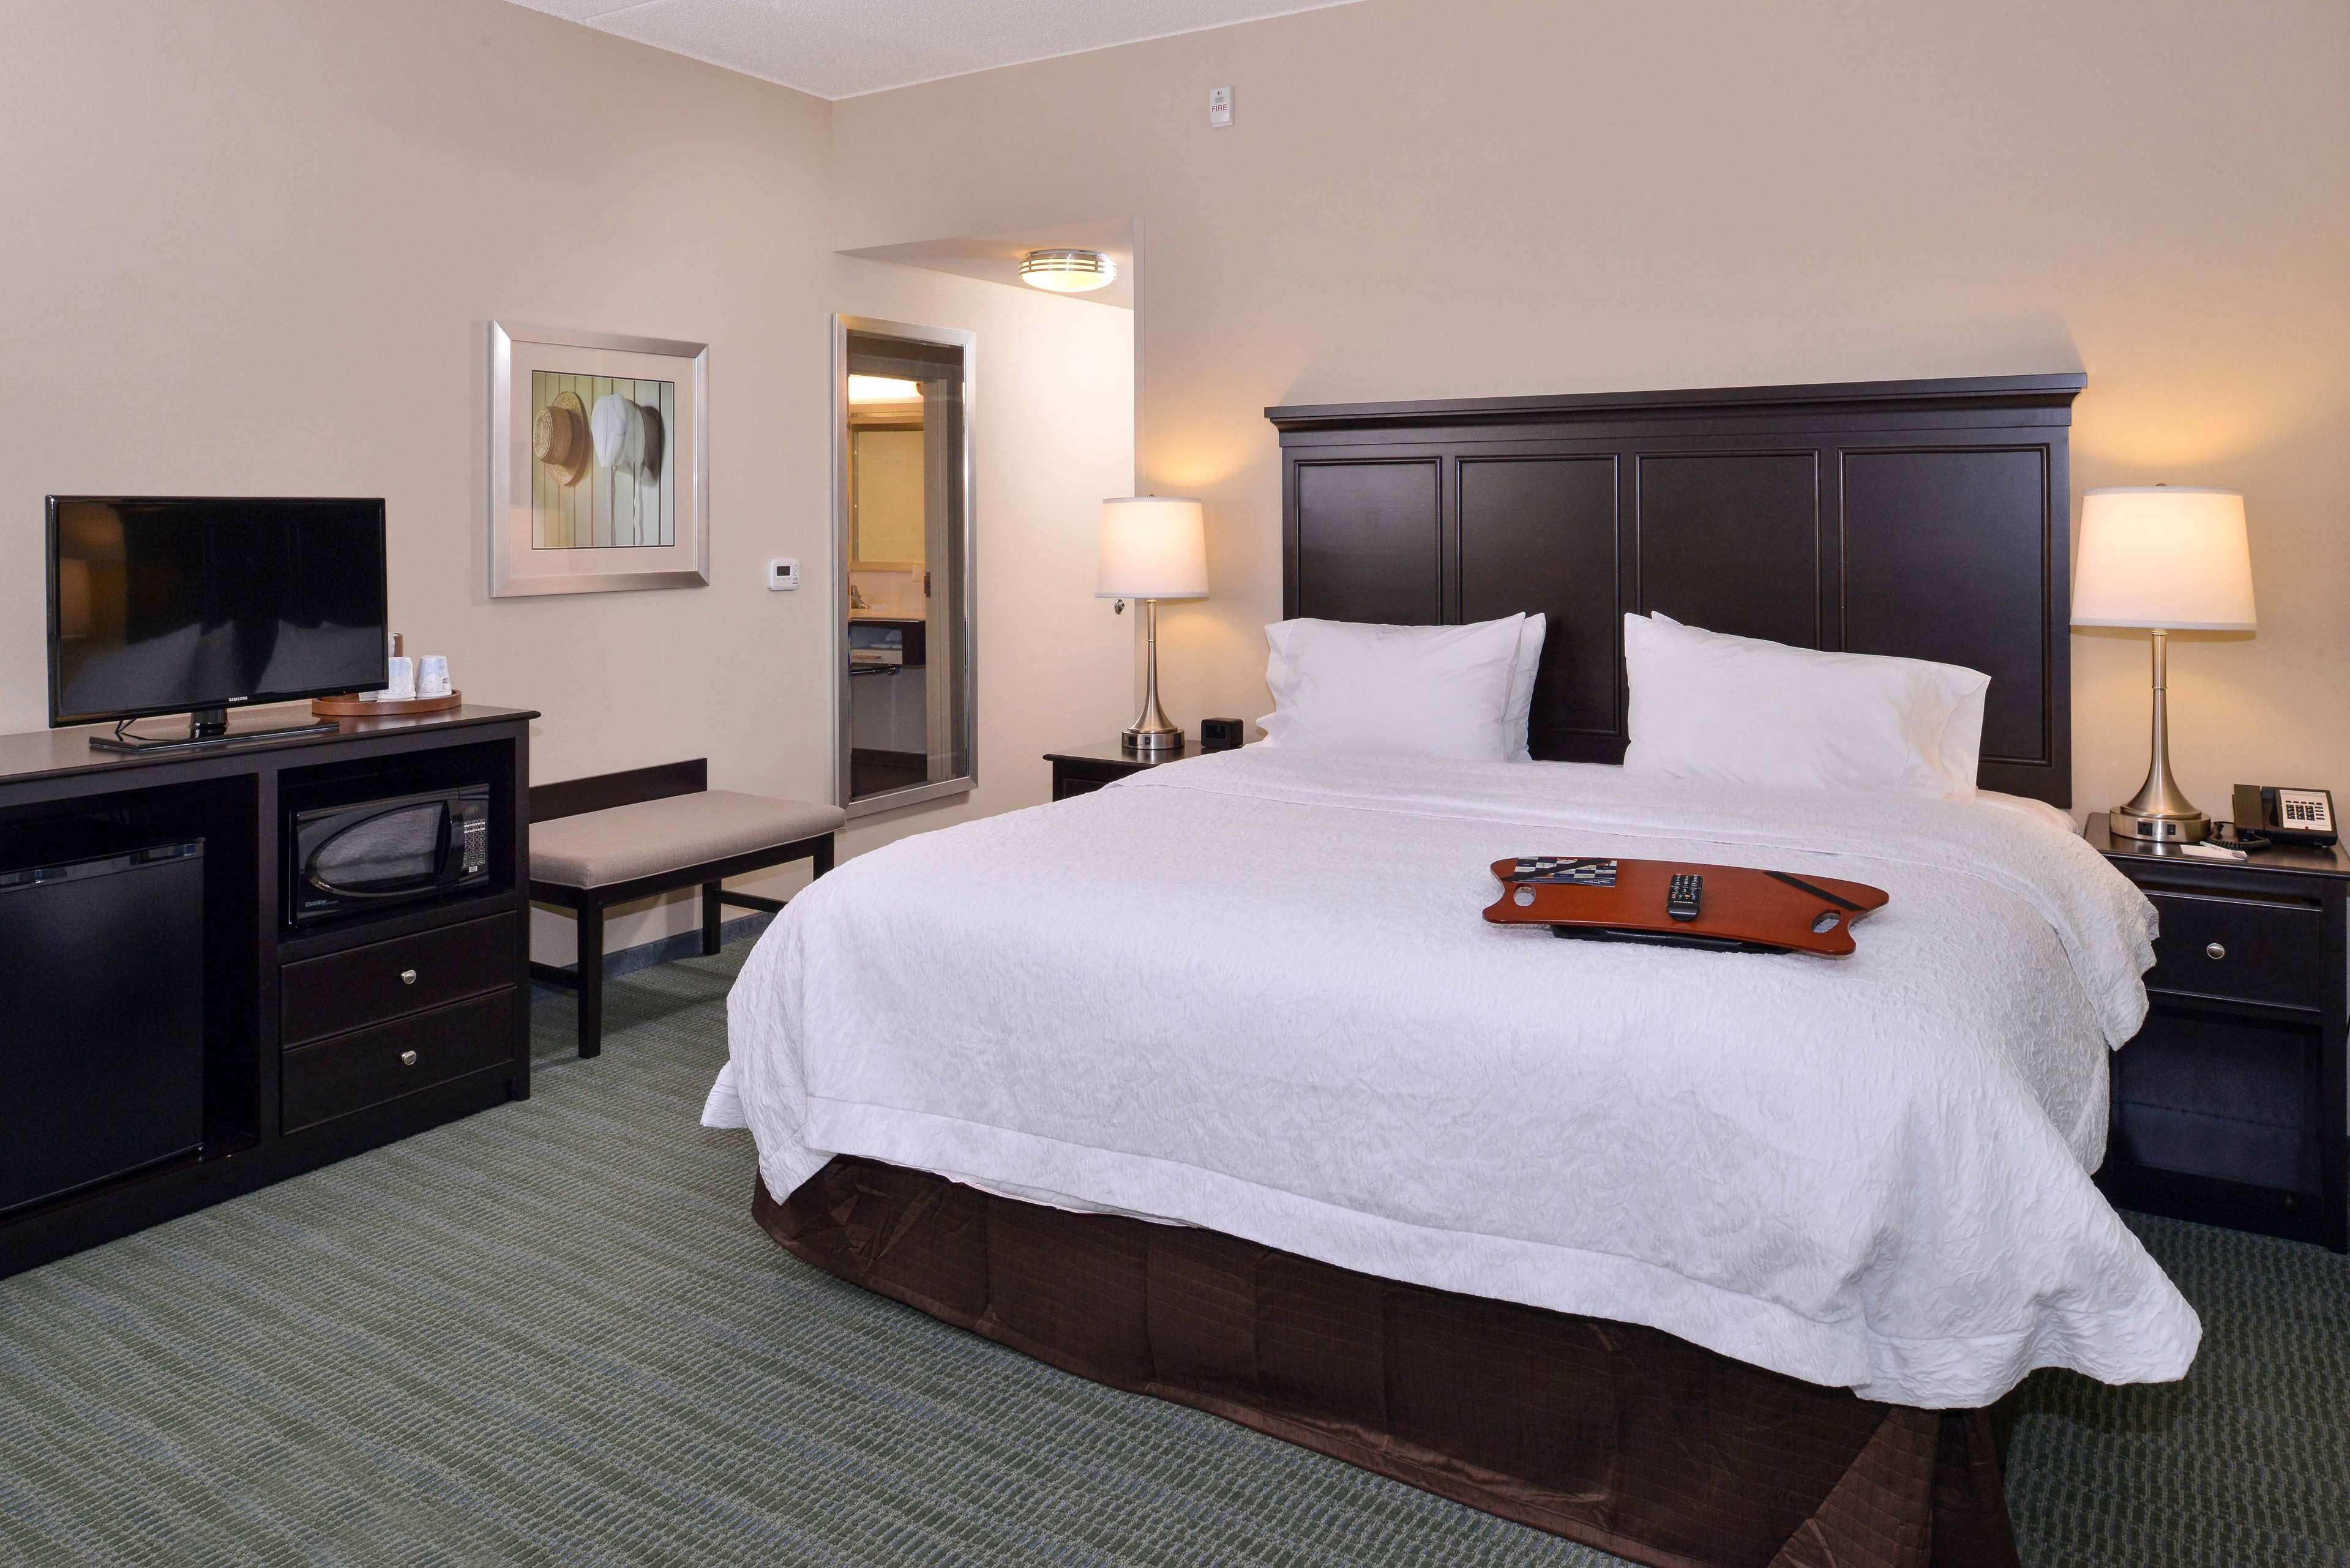 Hampton Inn & Suites Mount Joy/Lancaster West image 20